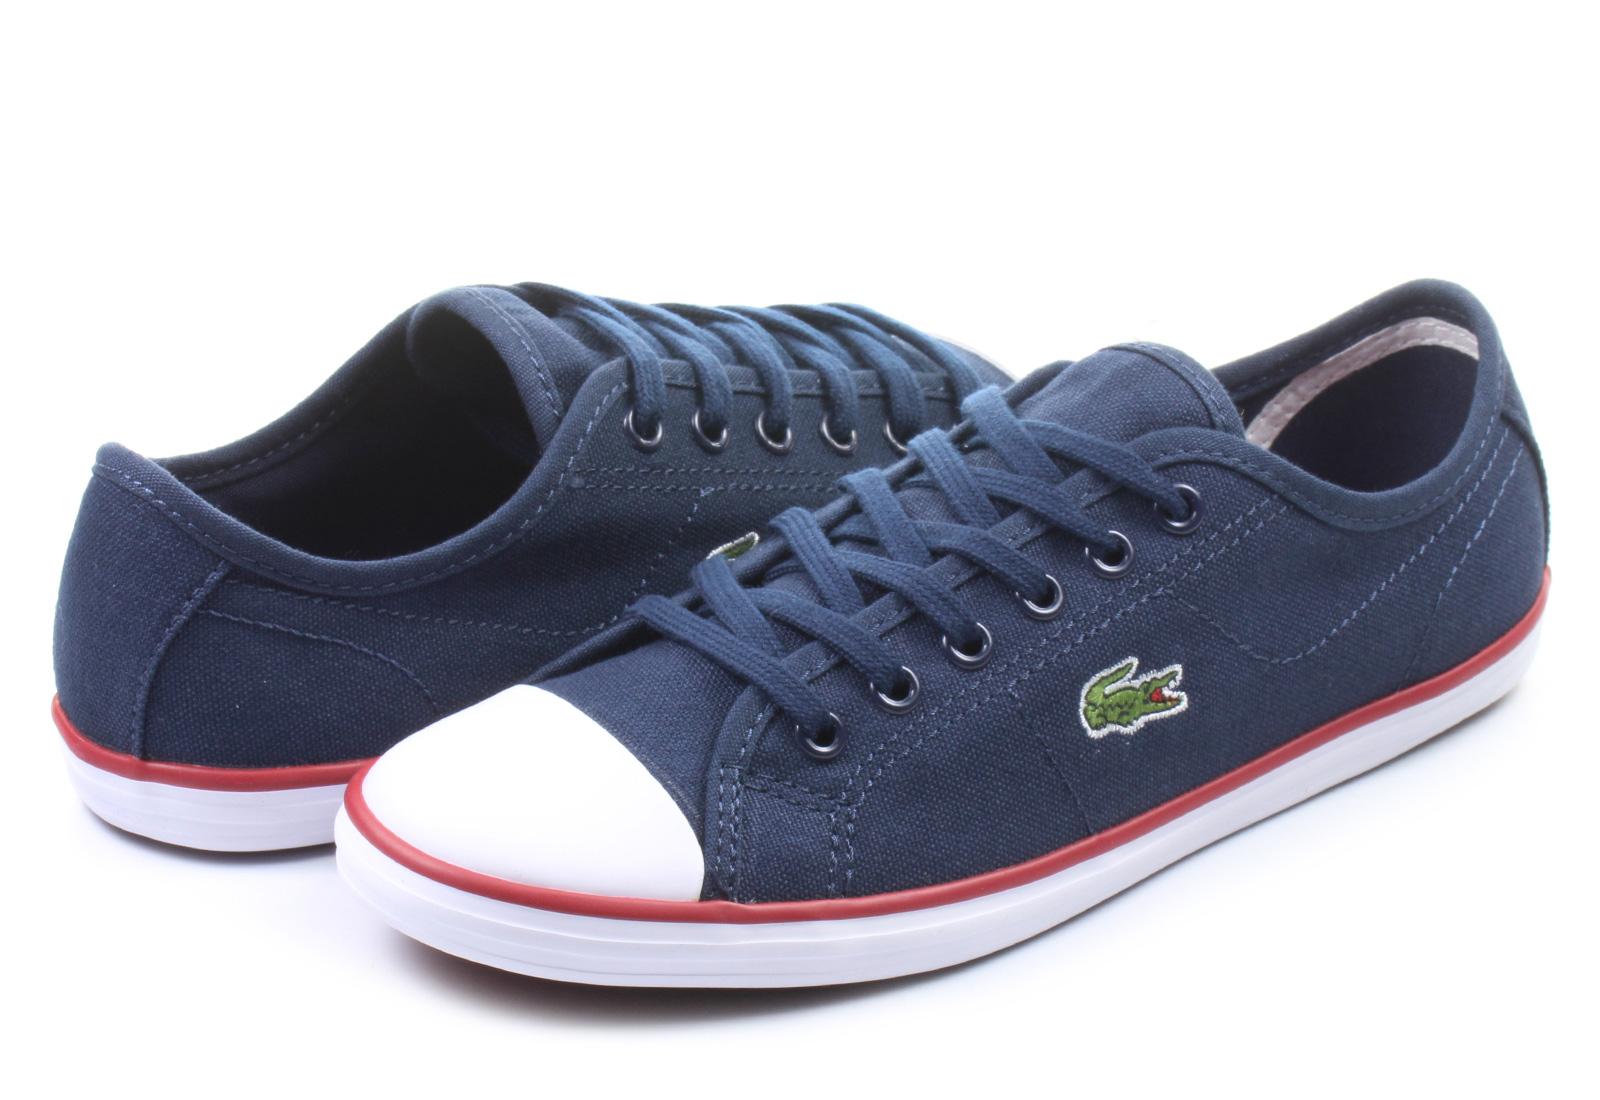 Lacoste Tenisky - Ziane Sneaker Canvas - 151spw1146-db4 - Tenisky ... 16155b8b69